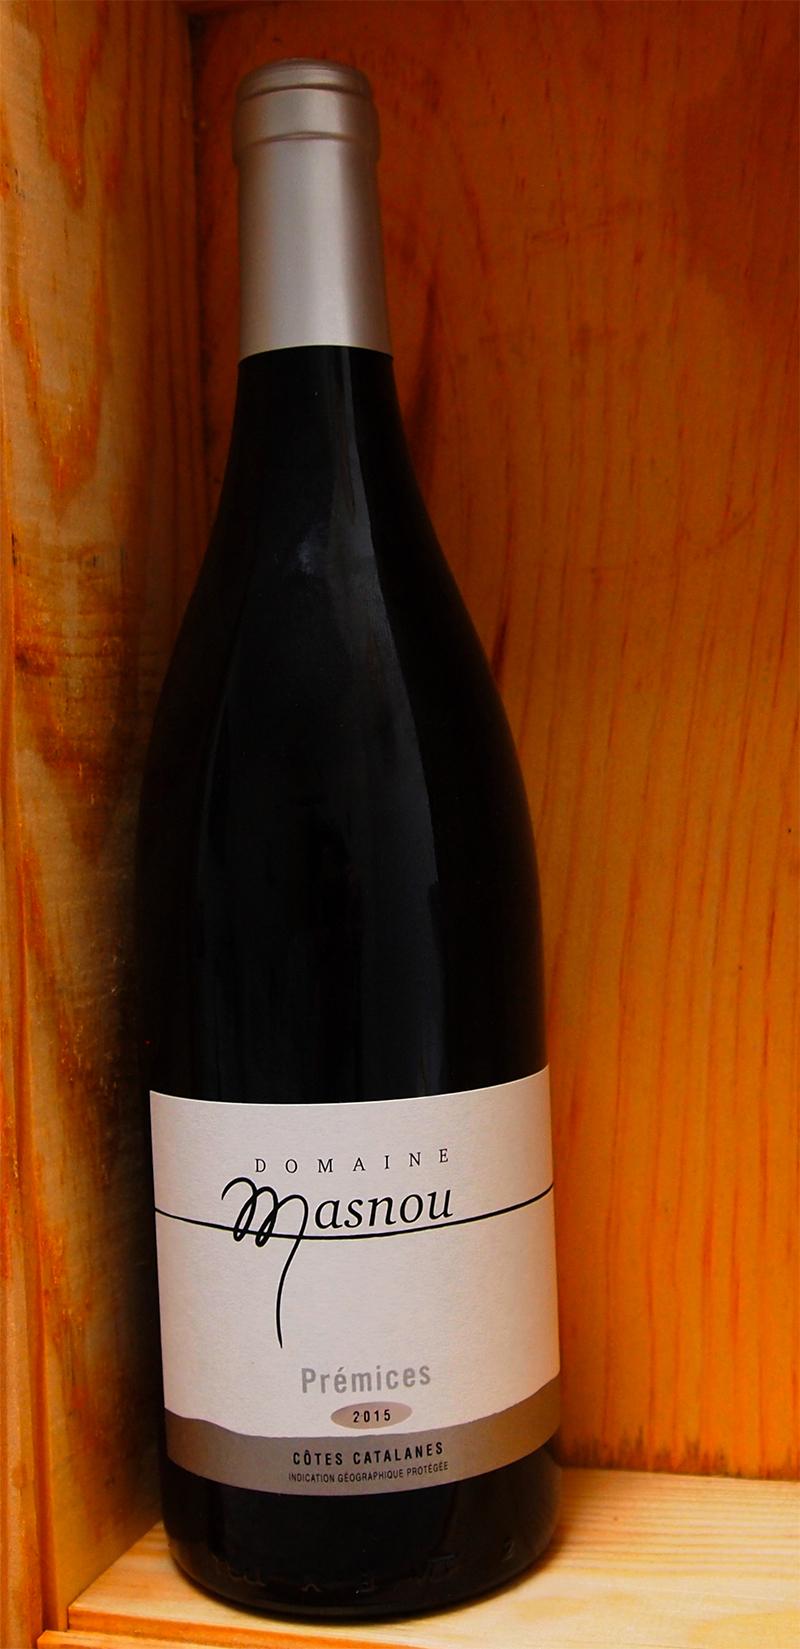 Domaine Masnou Premices Blanc 2015 - Vins du Roussillon